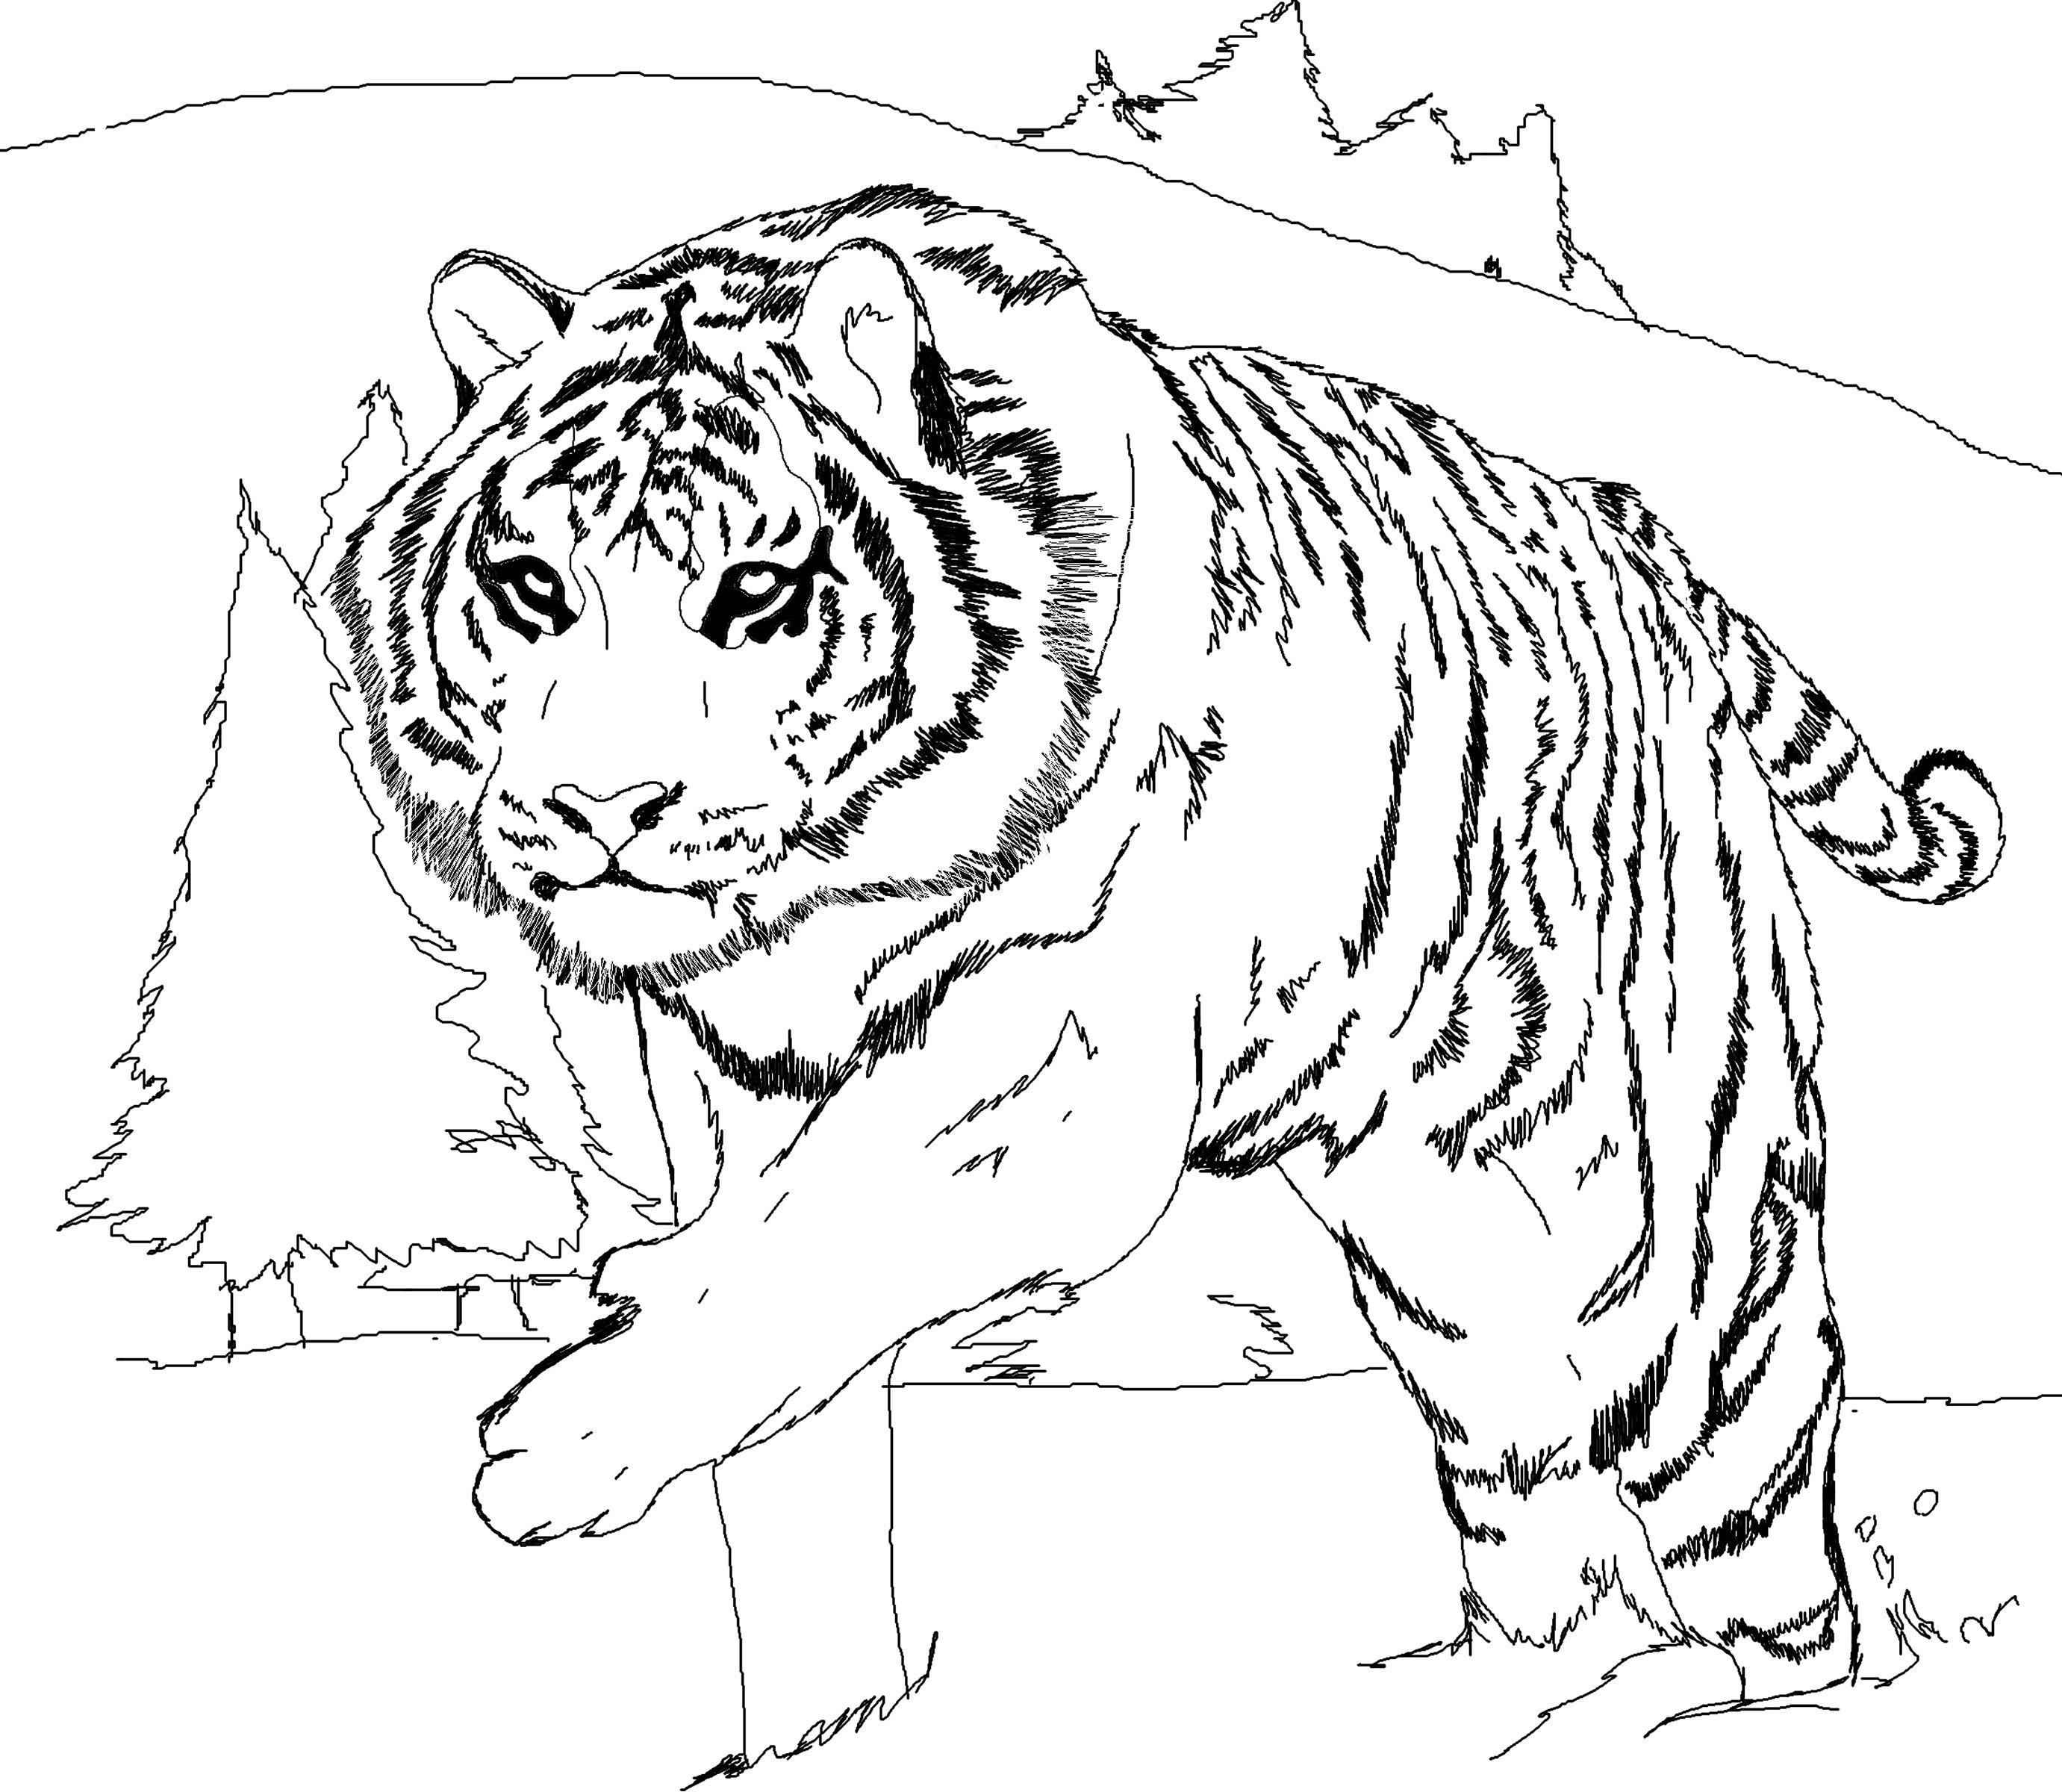 Tranh tô màu đại vương hổ đi dạo trong rừng tuyết